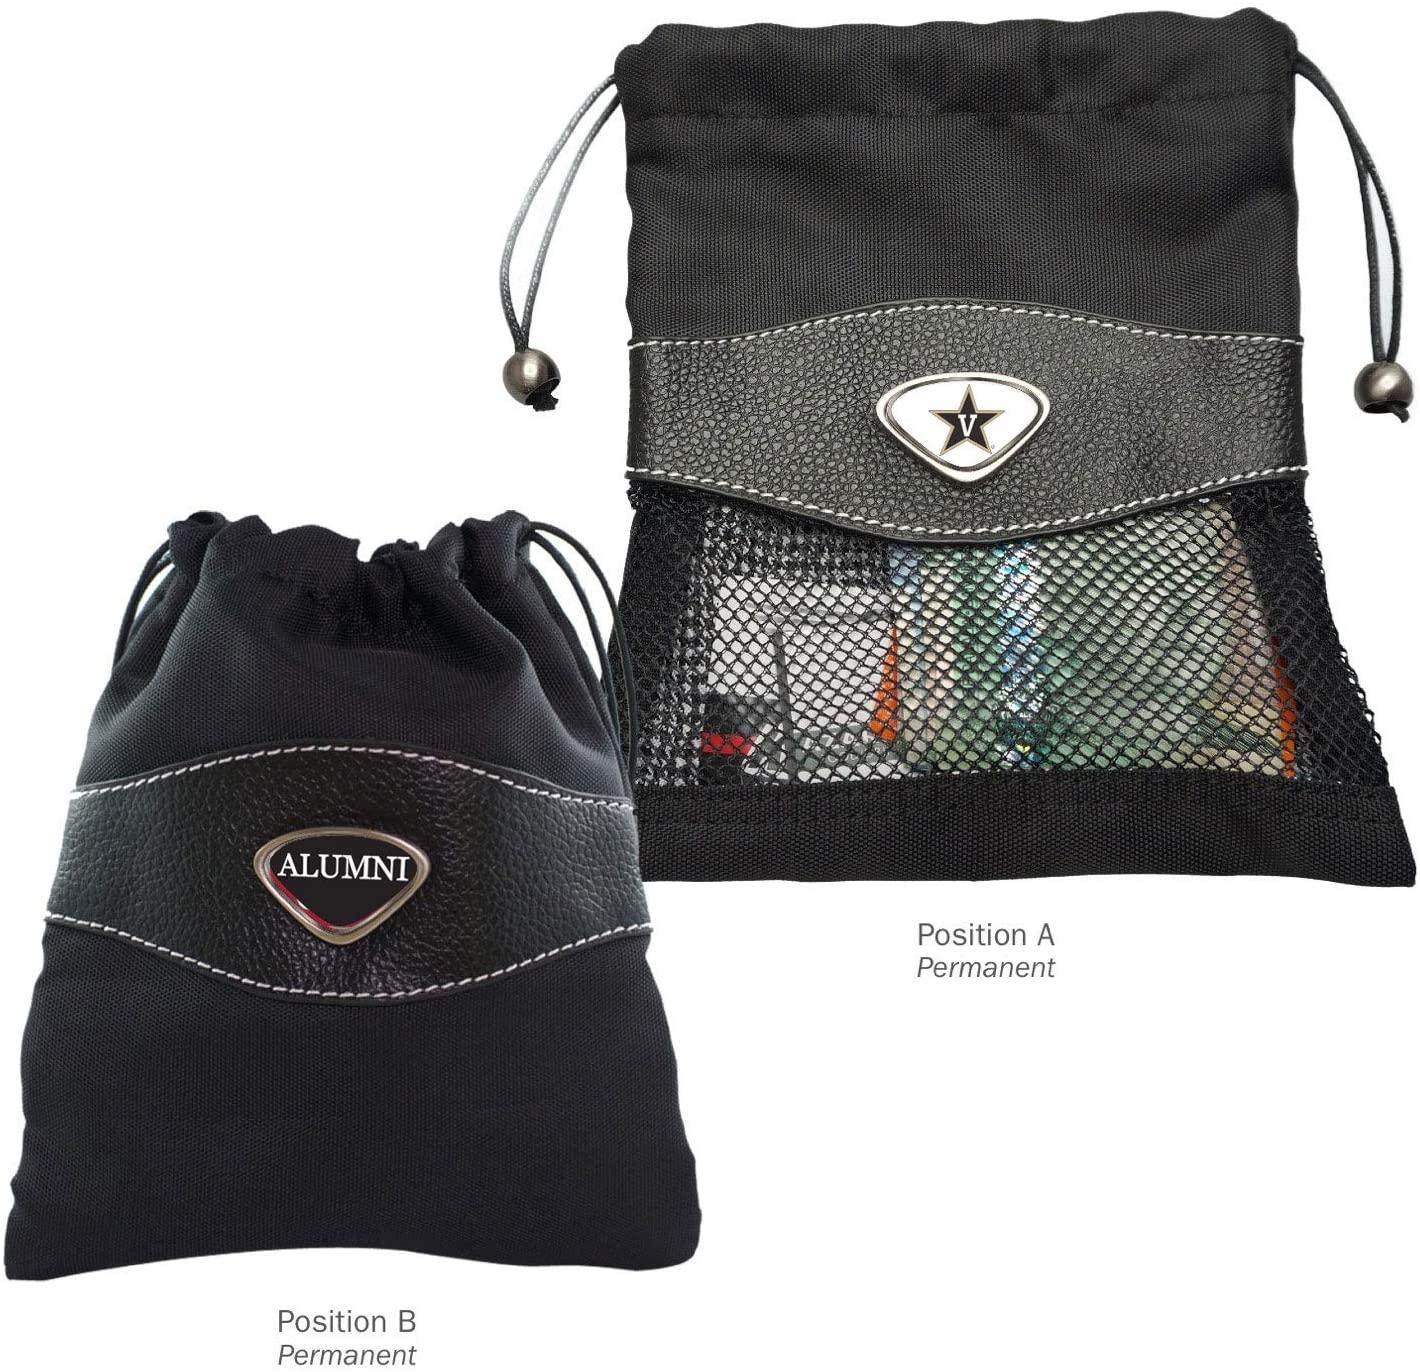 AdSpec NCAA Vanderbilt Commodores Collegiate Valuables BagCollegiate Valuables Bag, Black, One Size